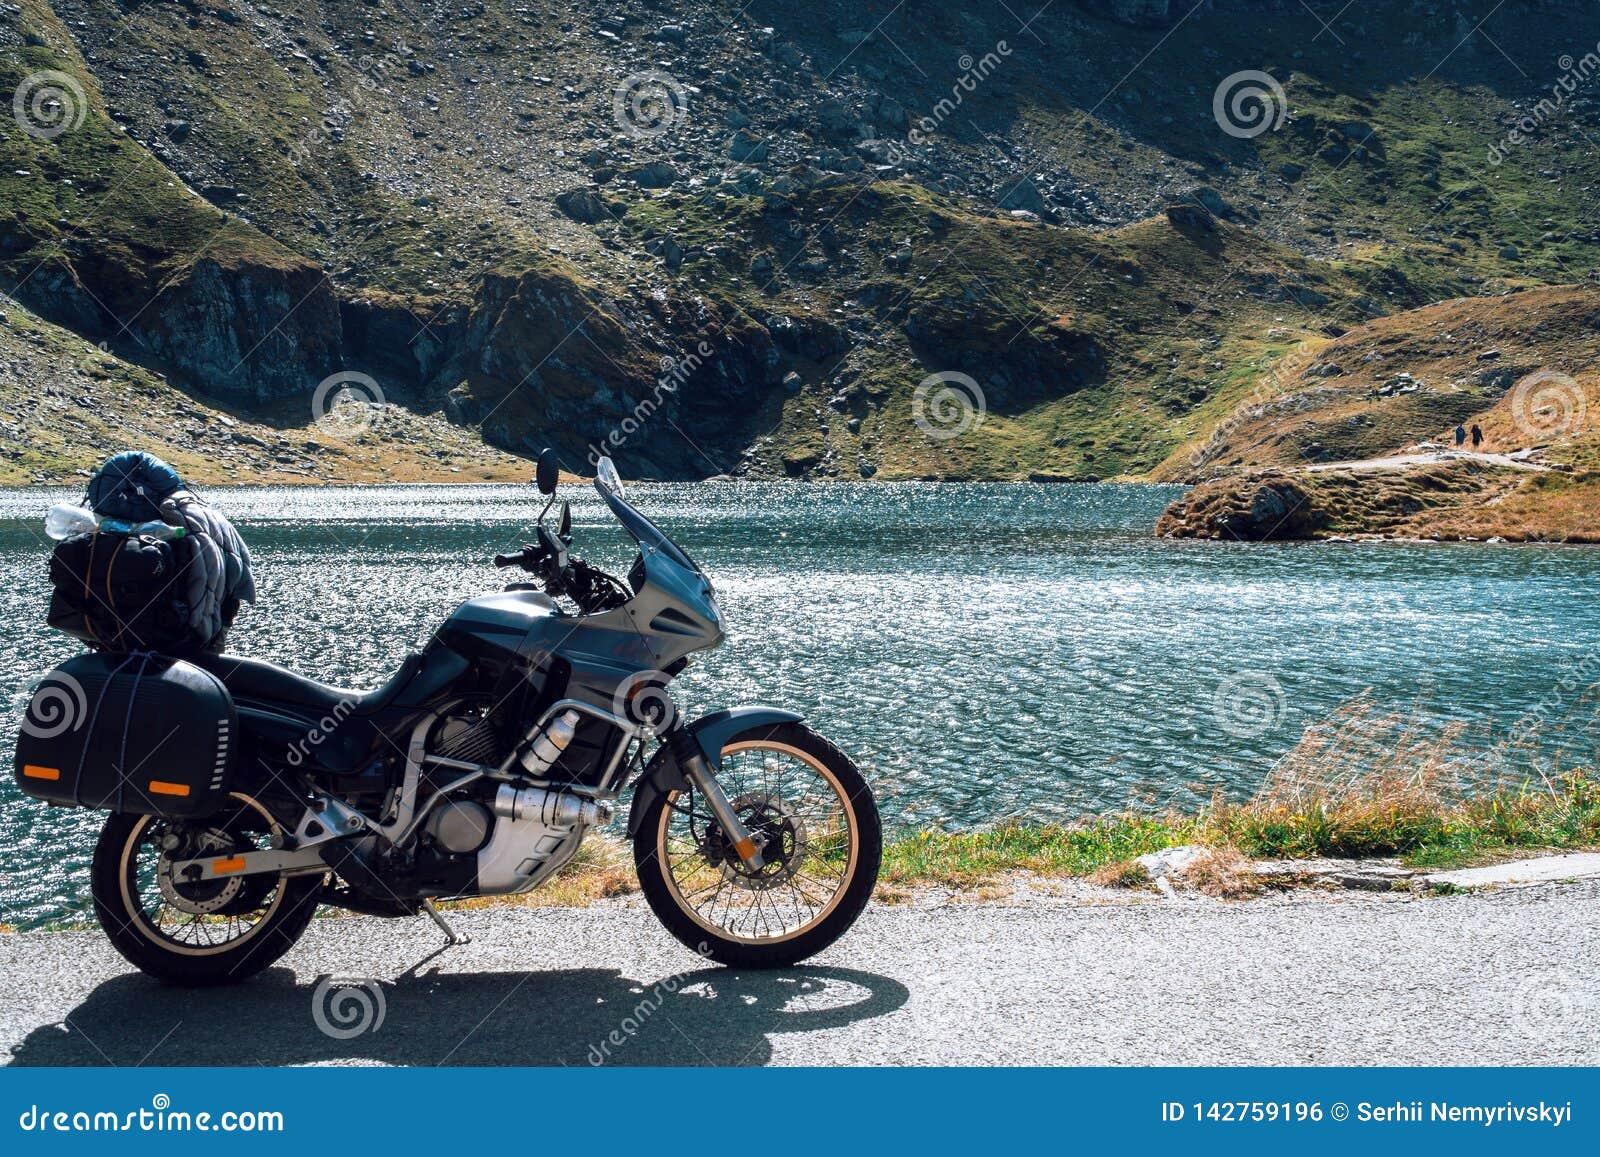 Moto d aventure dans les montagnes d automne de la Roumanie Tourisme de Moto et mode de vie de voyageurs de moto tandis que l Eur